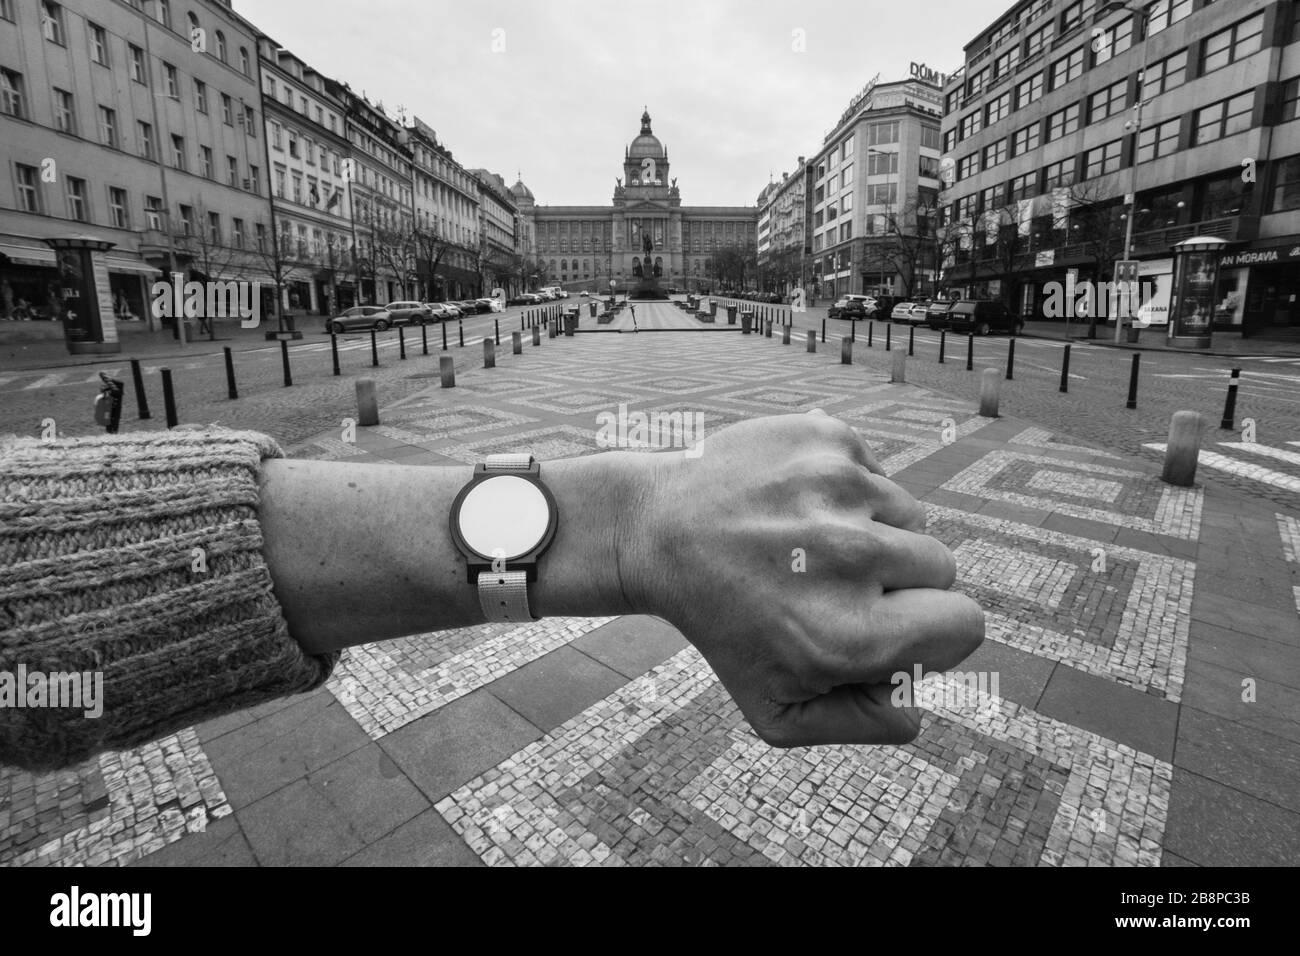 Casi desolada Plaza Wenceslas (Václavské náměstí) en Praga, República Checa, fotografiada a las 1.27 horas durante la cuarentena pandémica del coronavirus COVID-19 (bloqueo) el 19 de marzo de 2020. La fotografía es un homenaje a la famosa fotografía del fotógrafo checoslovaco Josef Koudelka, representada en el mismo lugar durante la invasión soviética a Checoslovaquia en agosto de 1968. El reloj sin manos a la izquierda del fotógrafo es en realidad un chip de entrada al Aquacentrum Šutka que es inútil durante la cuarentena porque todas las piscinas también están cerradas indefinidamente debido al brote del virus de la corona. Foto de stock